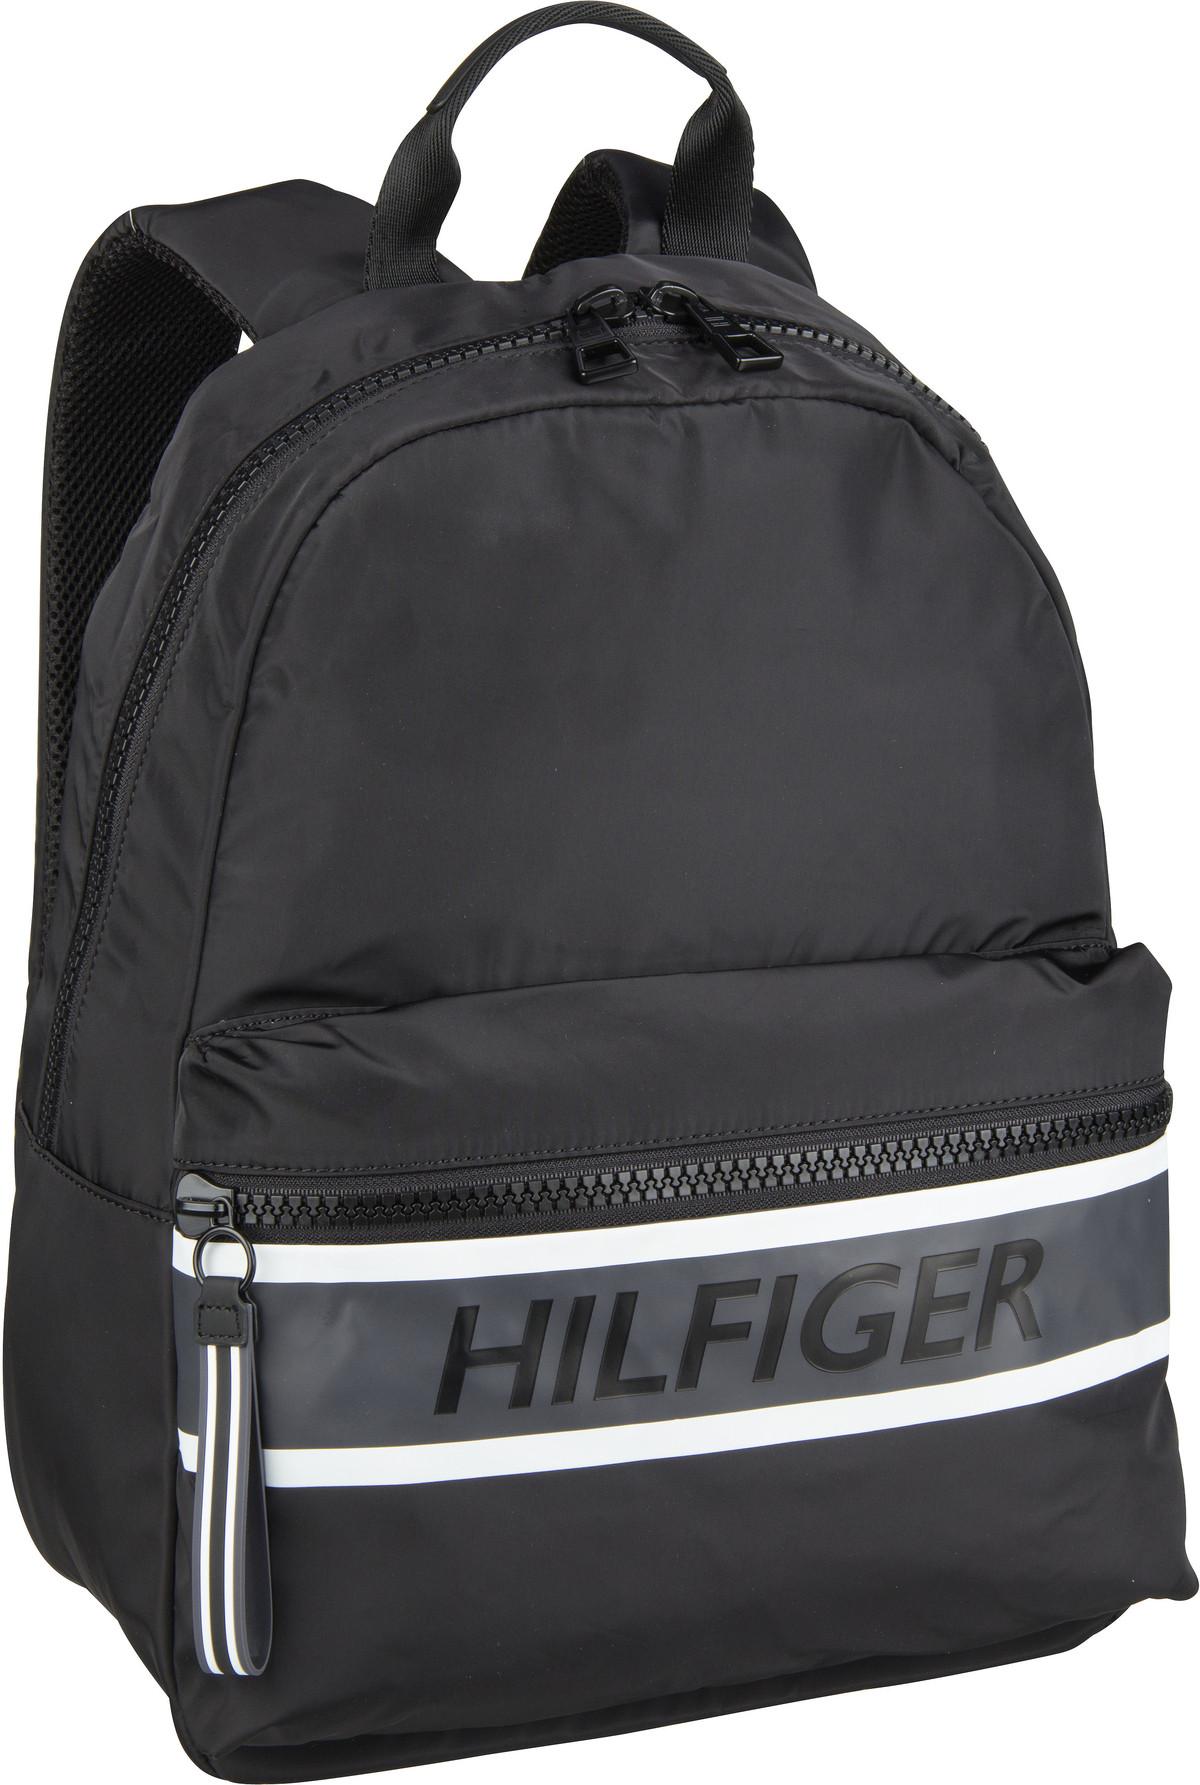 Rucksack / Daypack Tommy Backpack 5219 Black